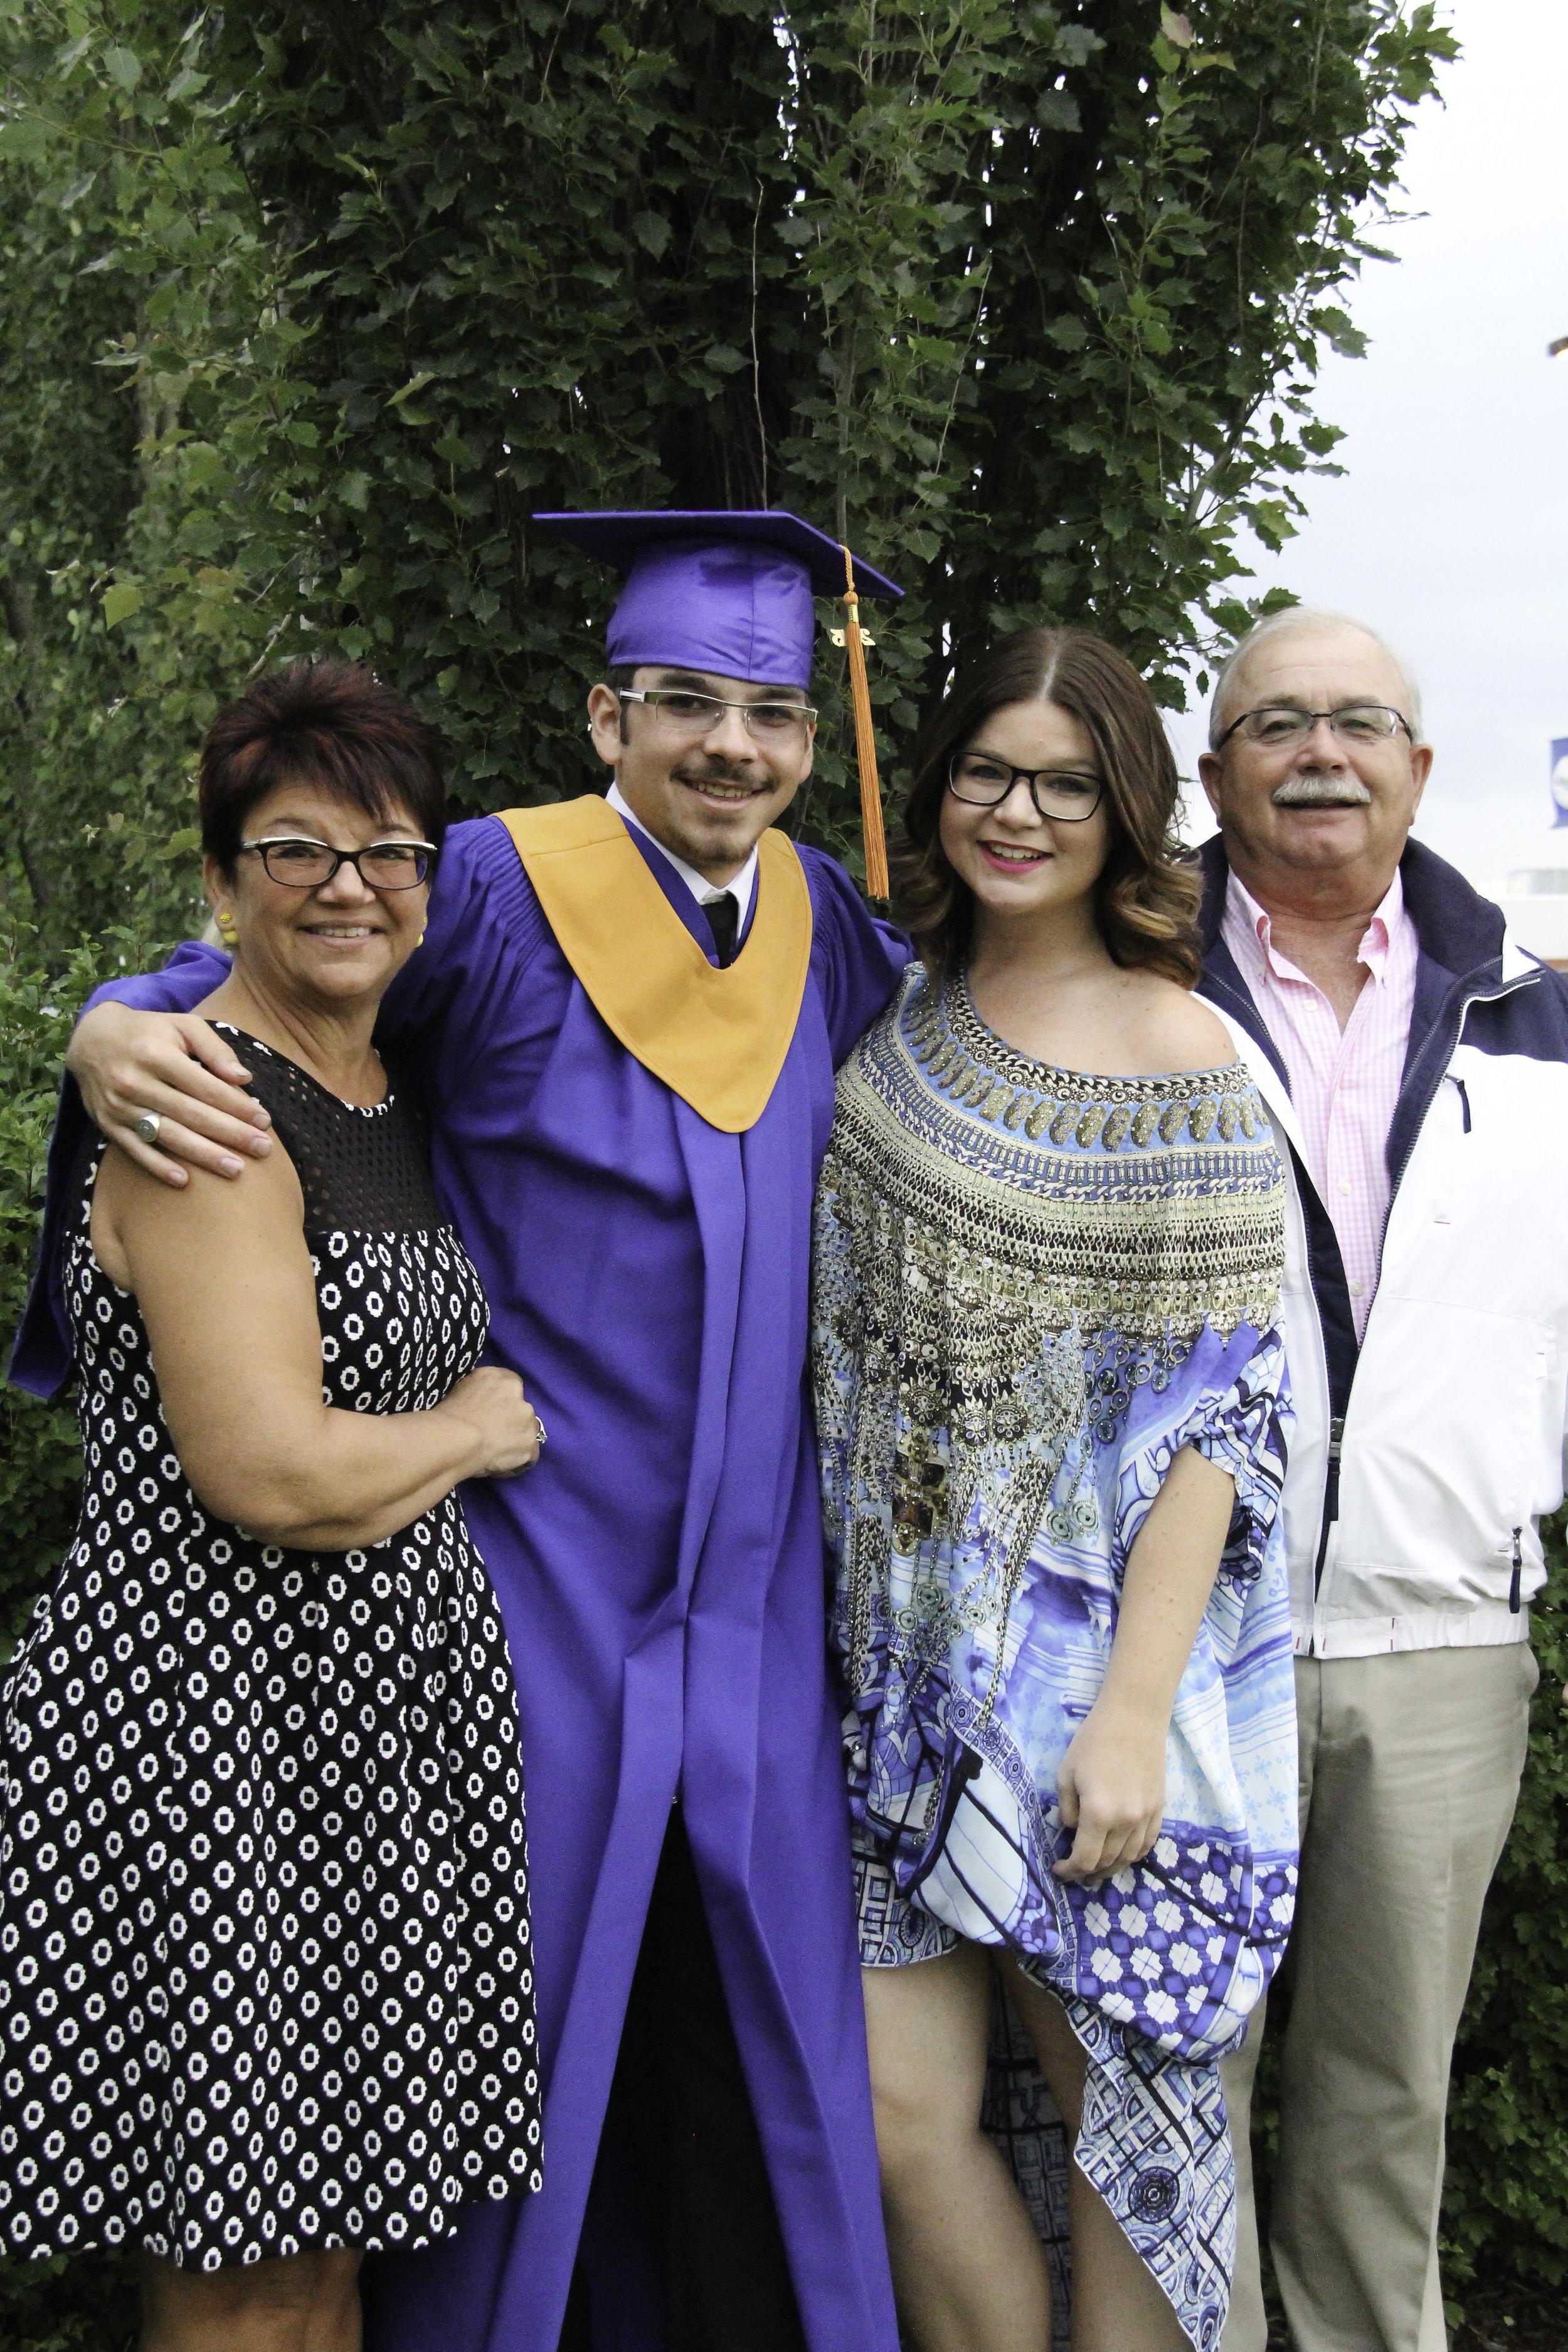 la familia - houston's gradutation // 2015